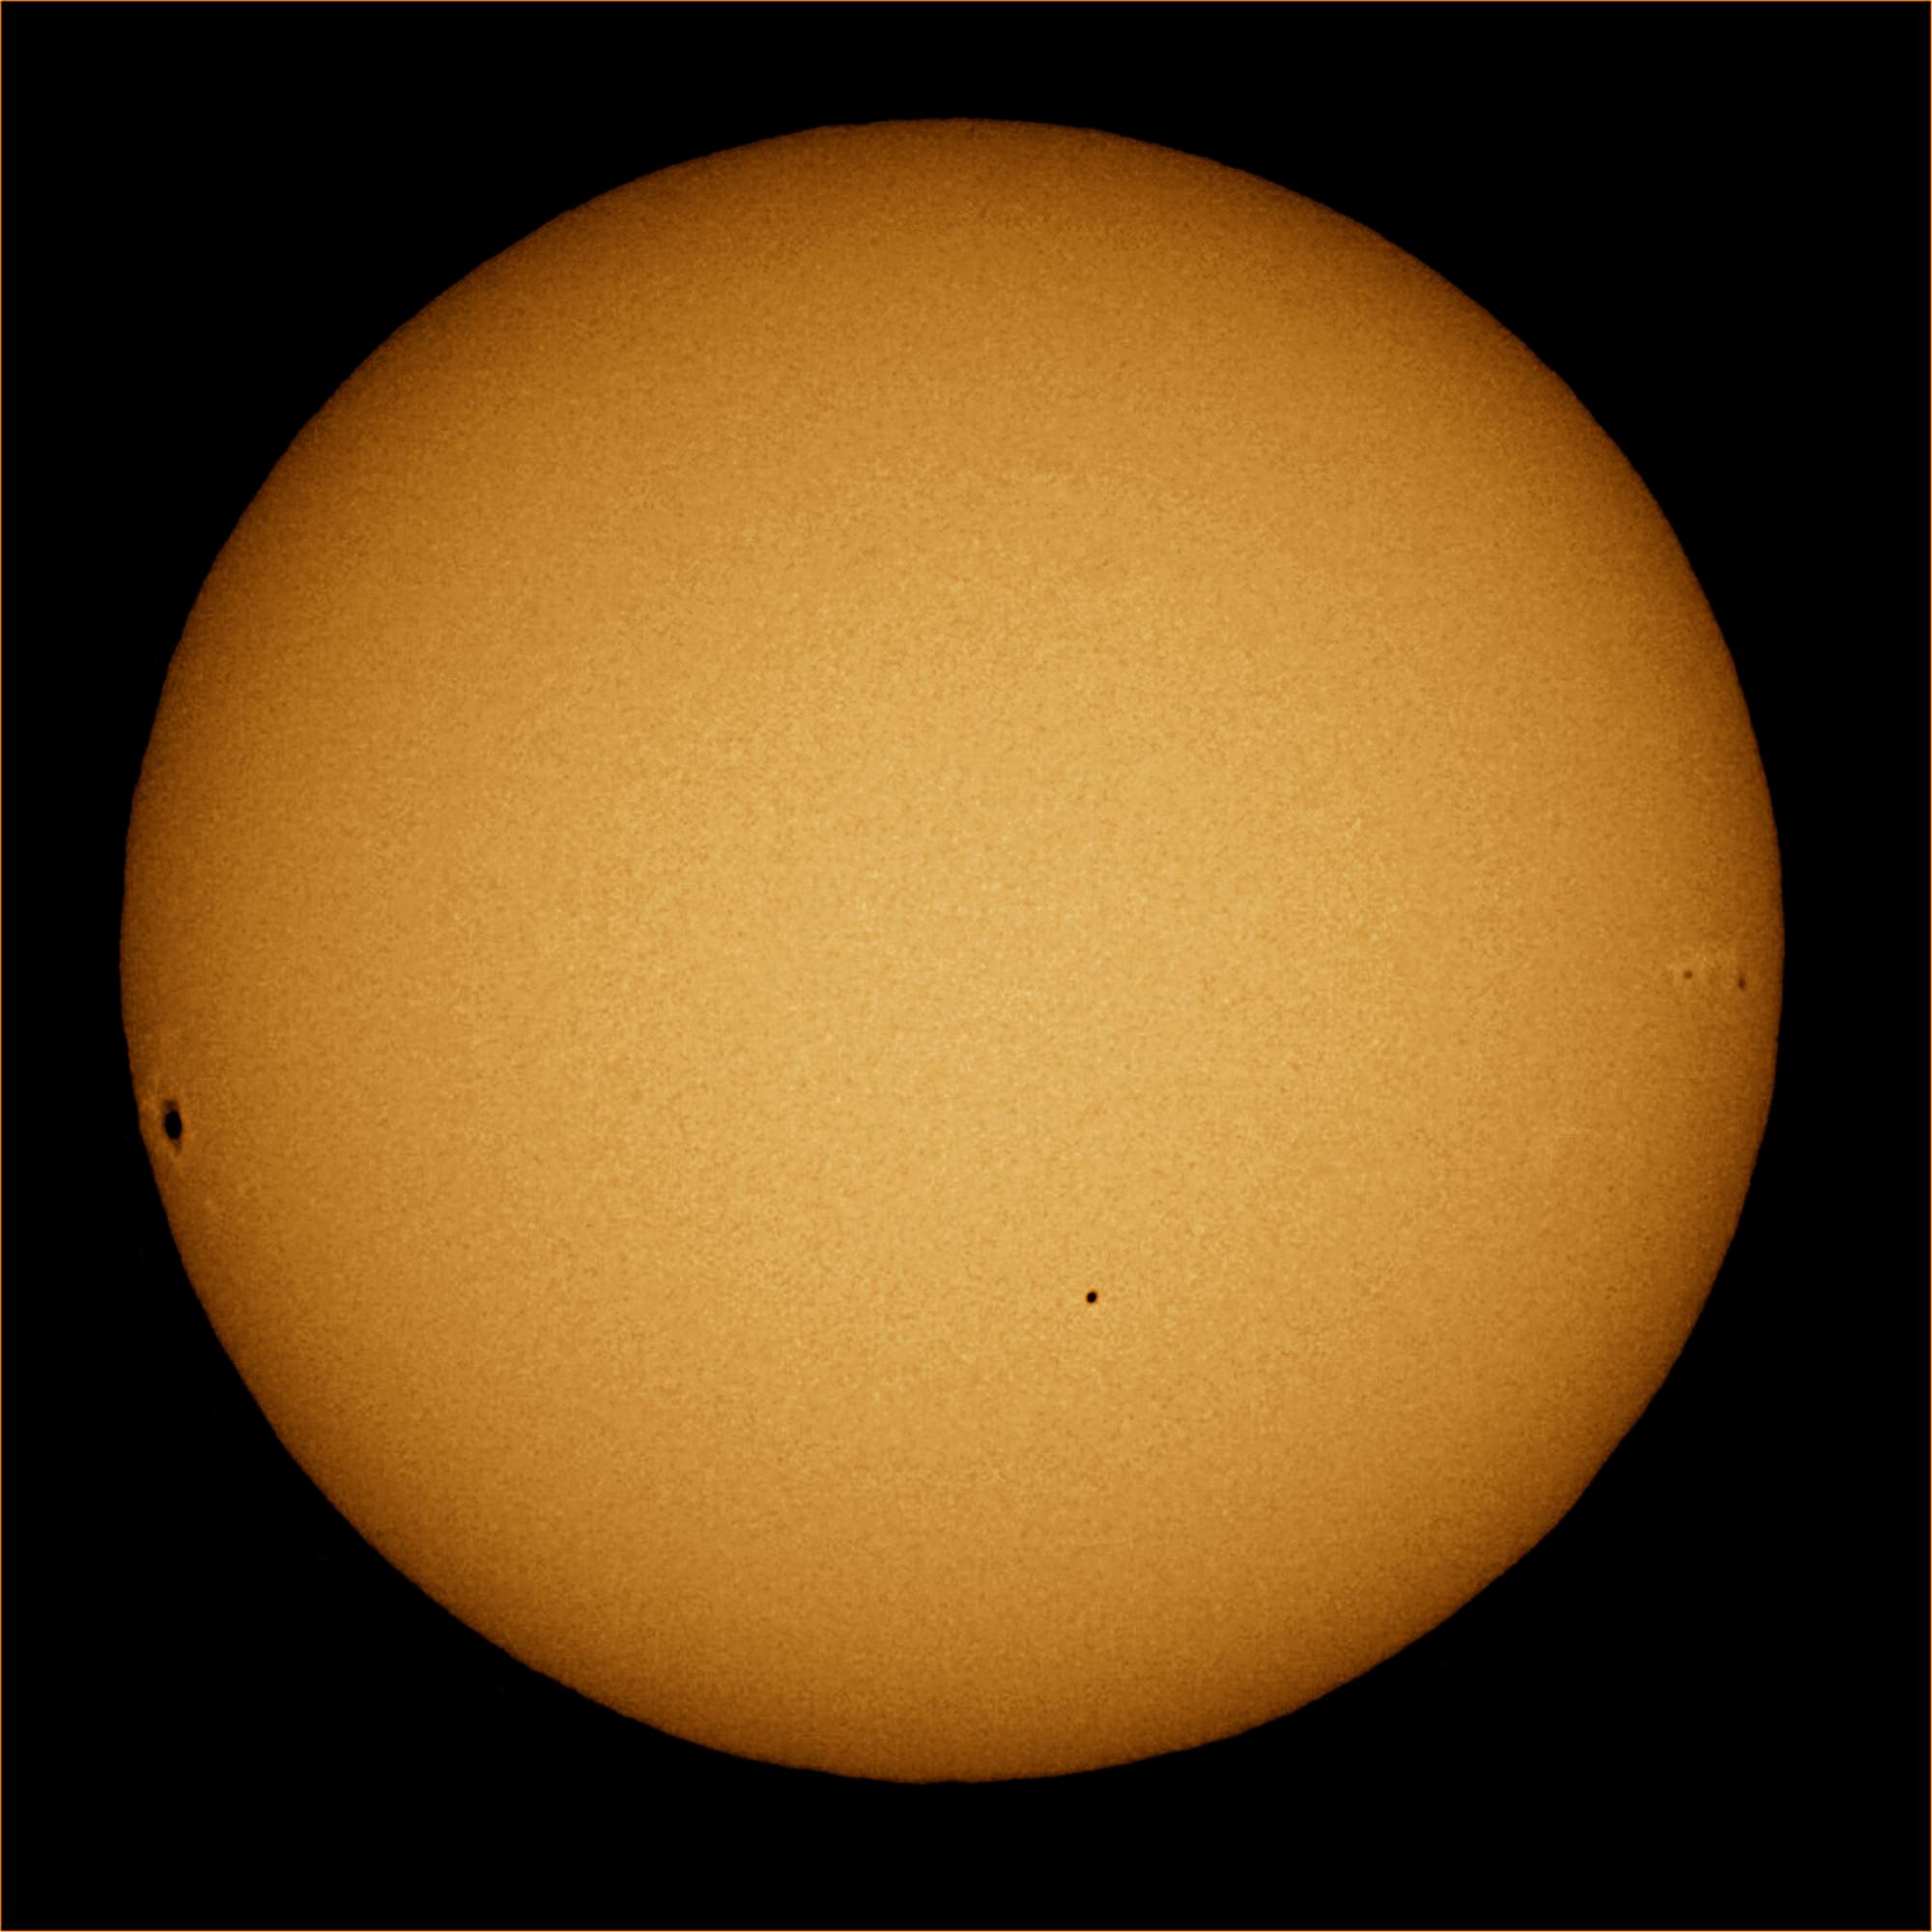 File:Mercury transit 1.jpg - Wikipedia